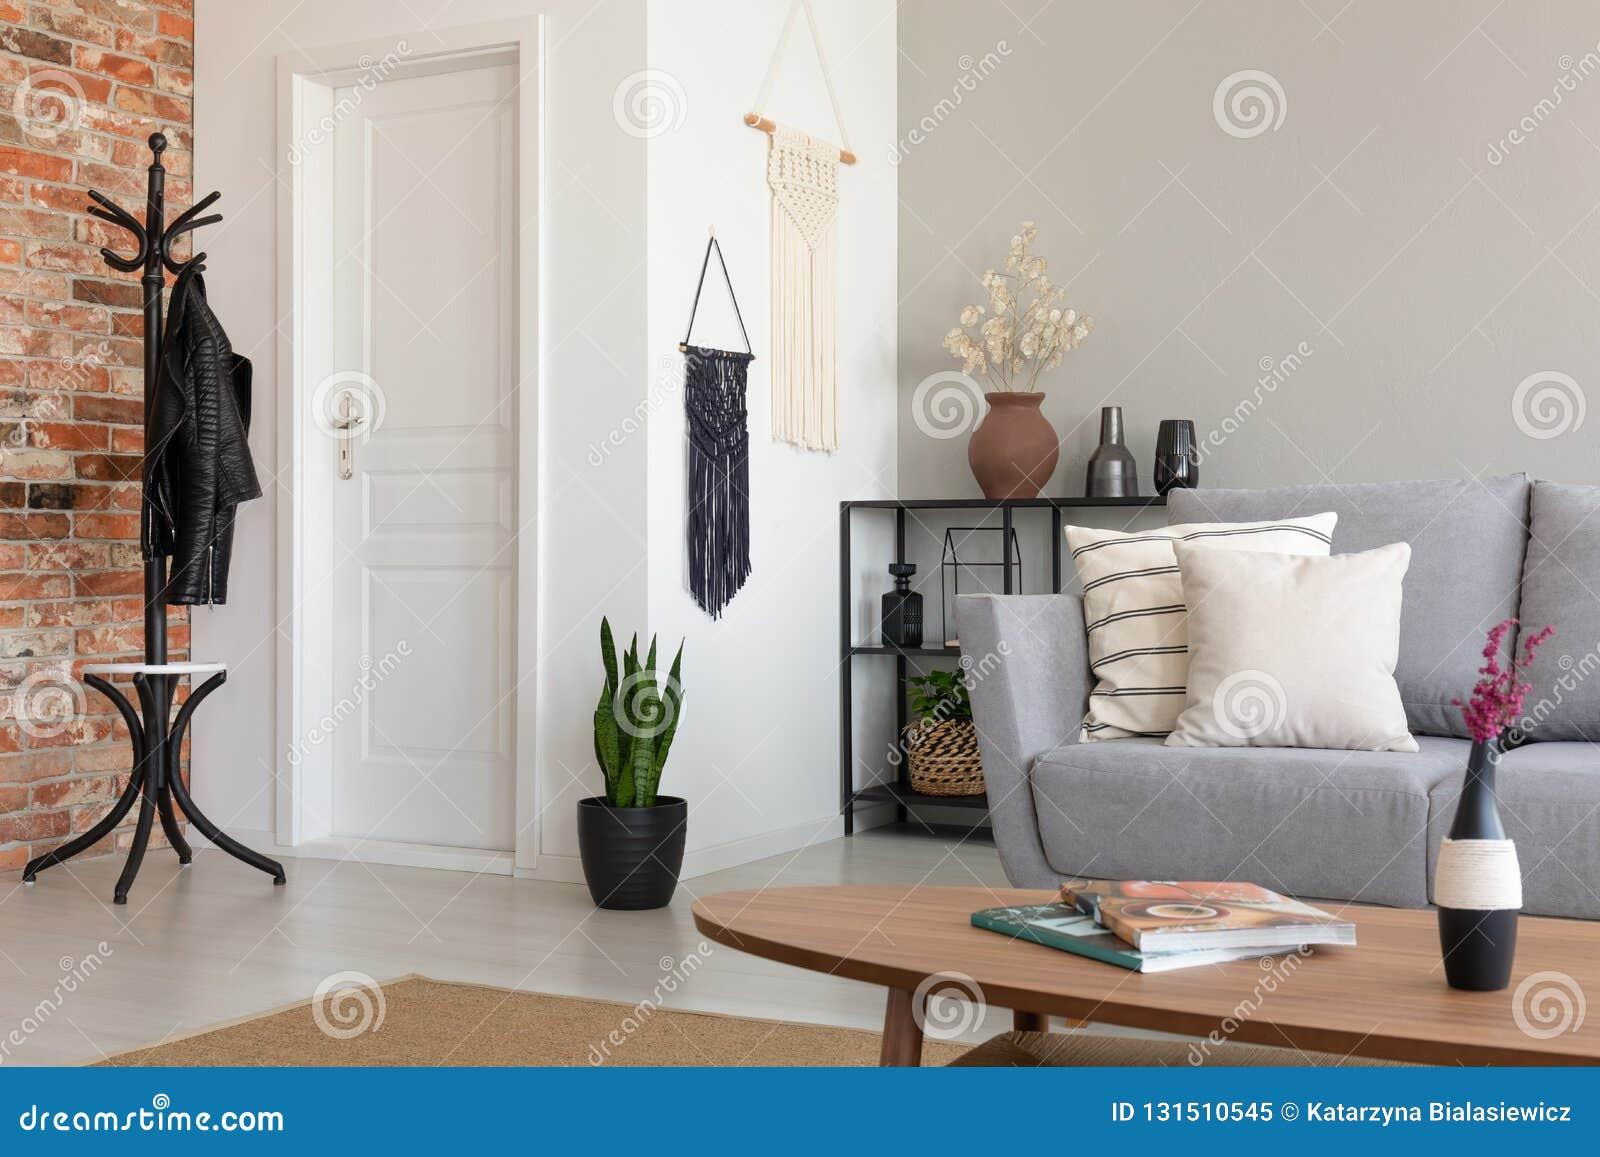 Μοντέρνο καθιστικό με τον γκρίζο καναπέ και τον ξύλινο πίνακα, πραγματική φωτογραφία